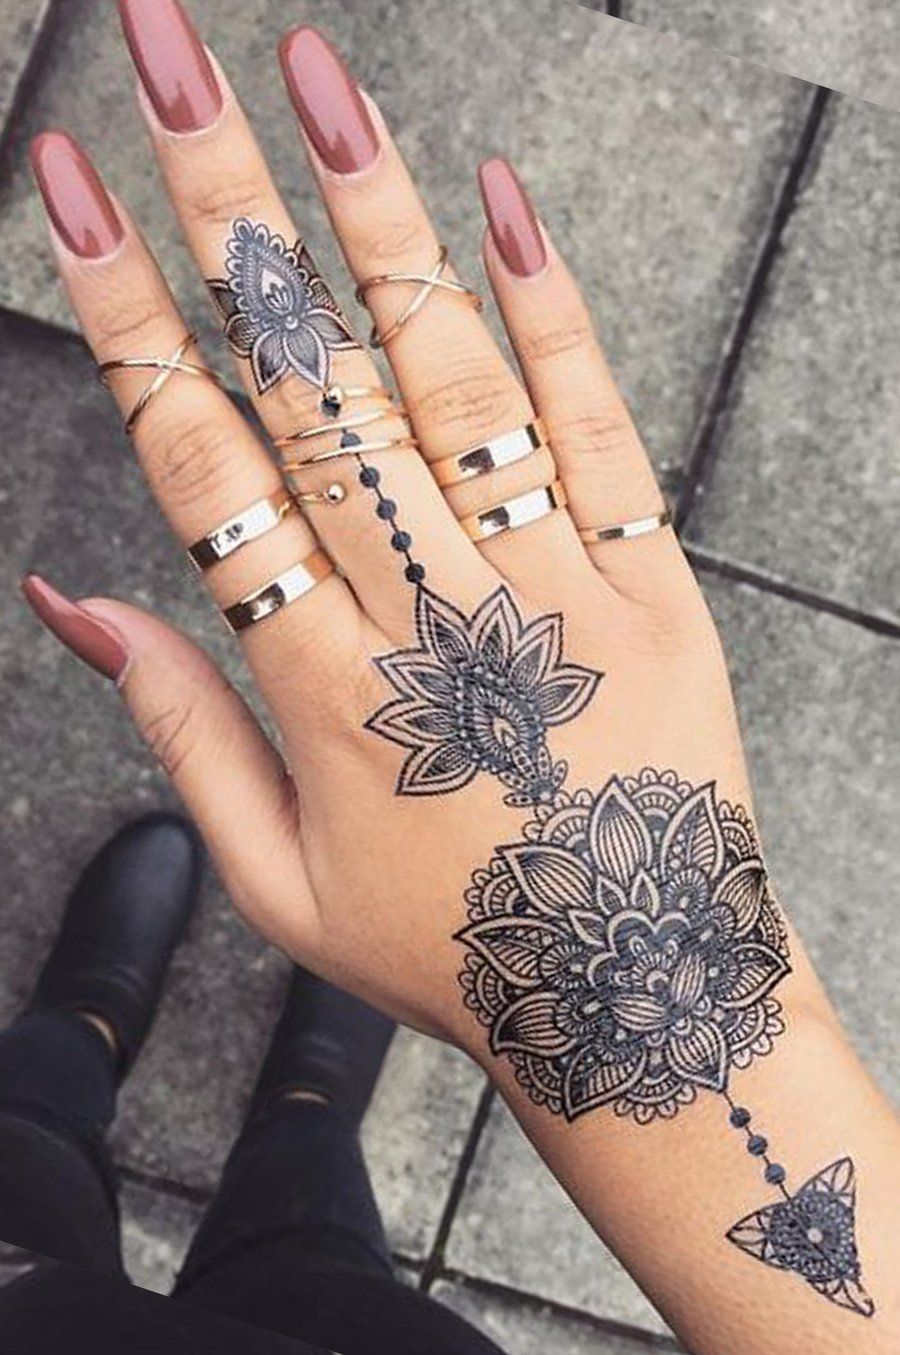 Schwarz Und Weiss Verschiedene Lotus Temporare Tatowierung Blatt Mandala Tatowierung Temporare In 2020 Hand Tattoos For Women Aztec Tattoo Hand Tattoos